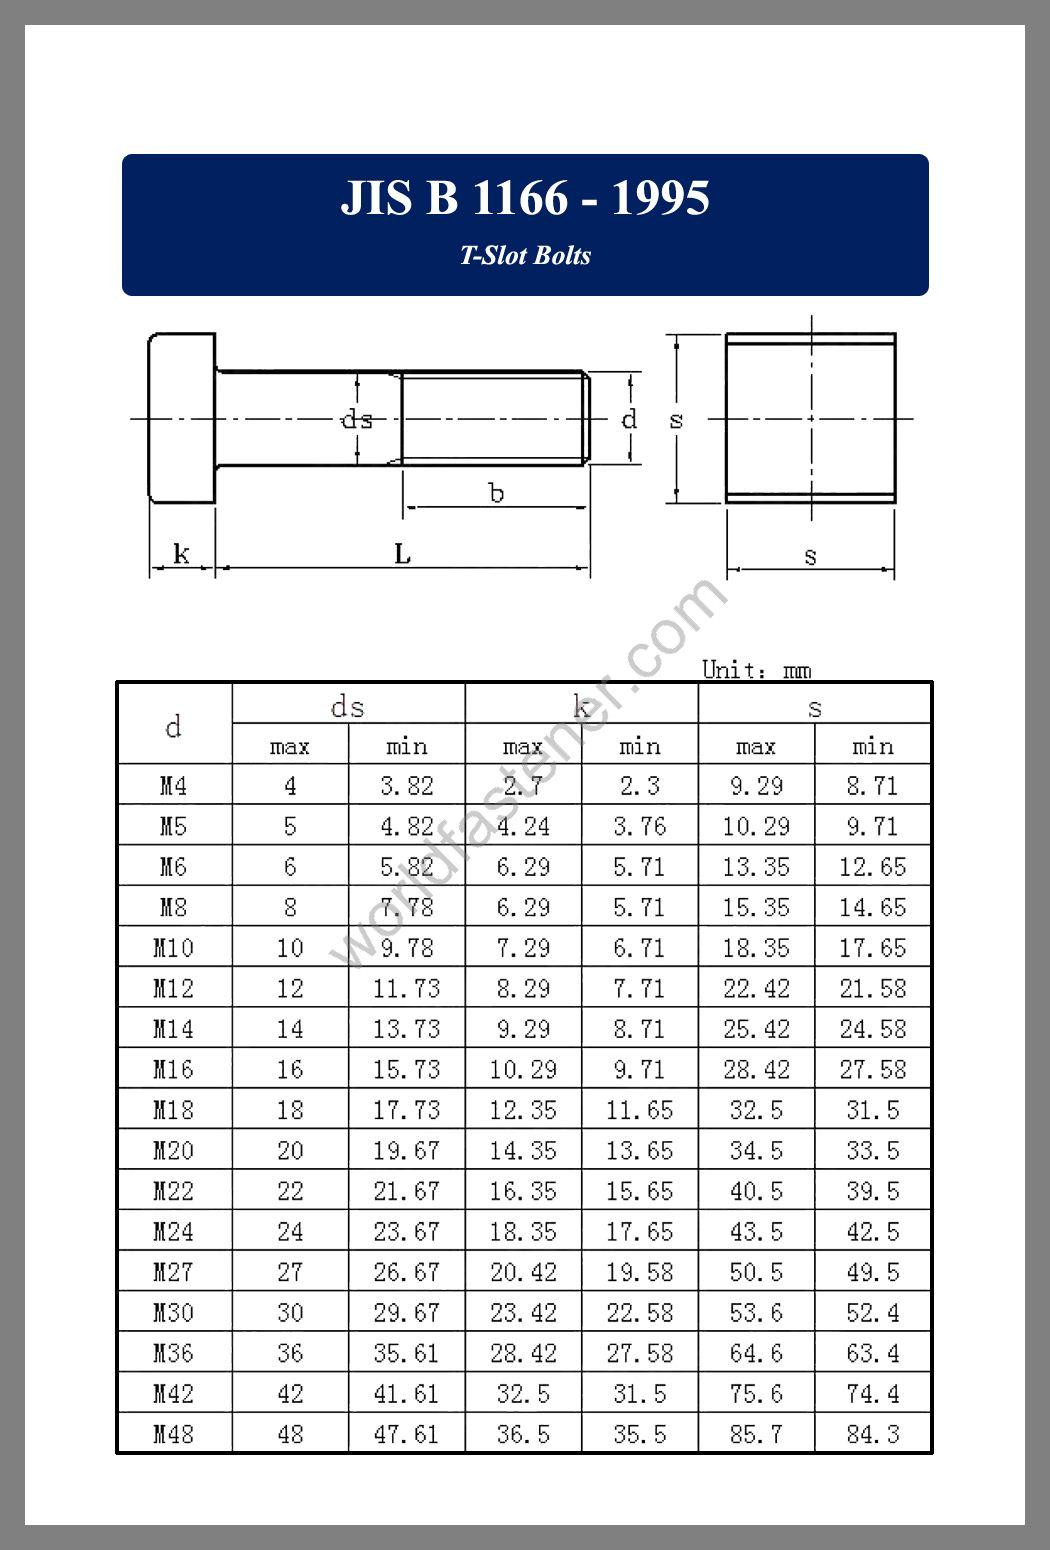 JIS B1166, JIS B1166 T-Slot Bolts, fastener, screw, bolt